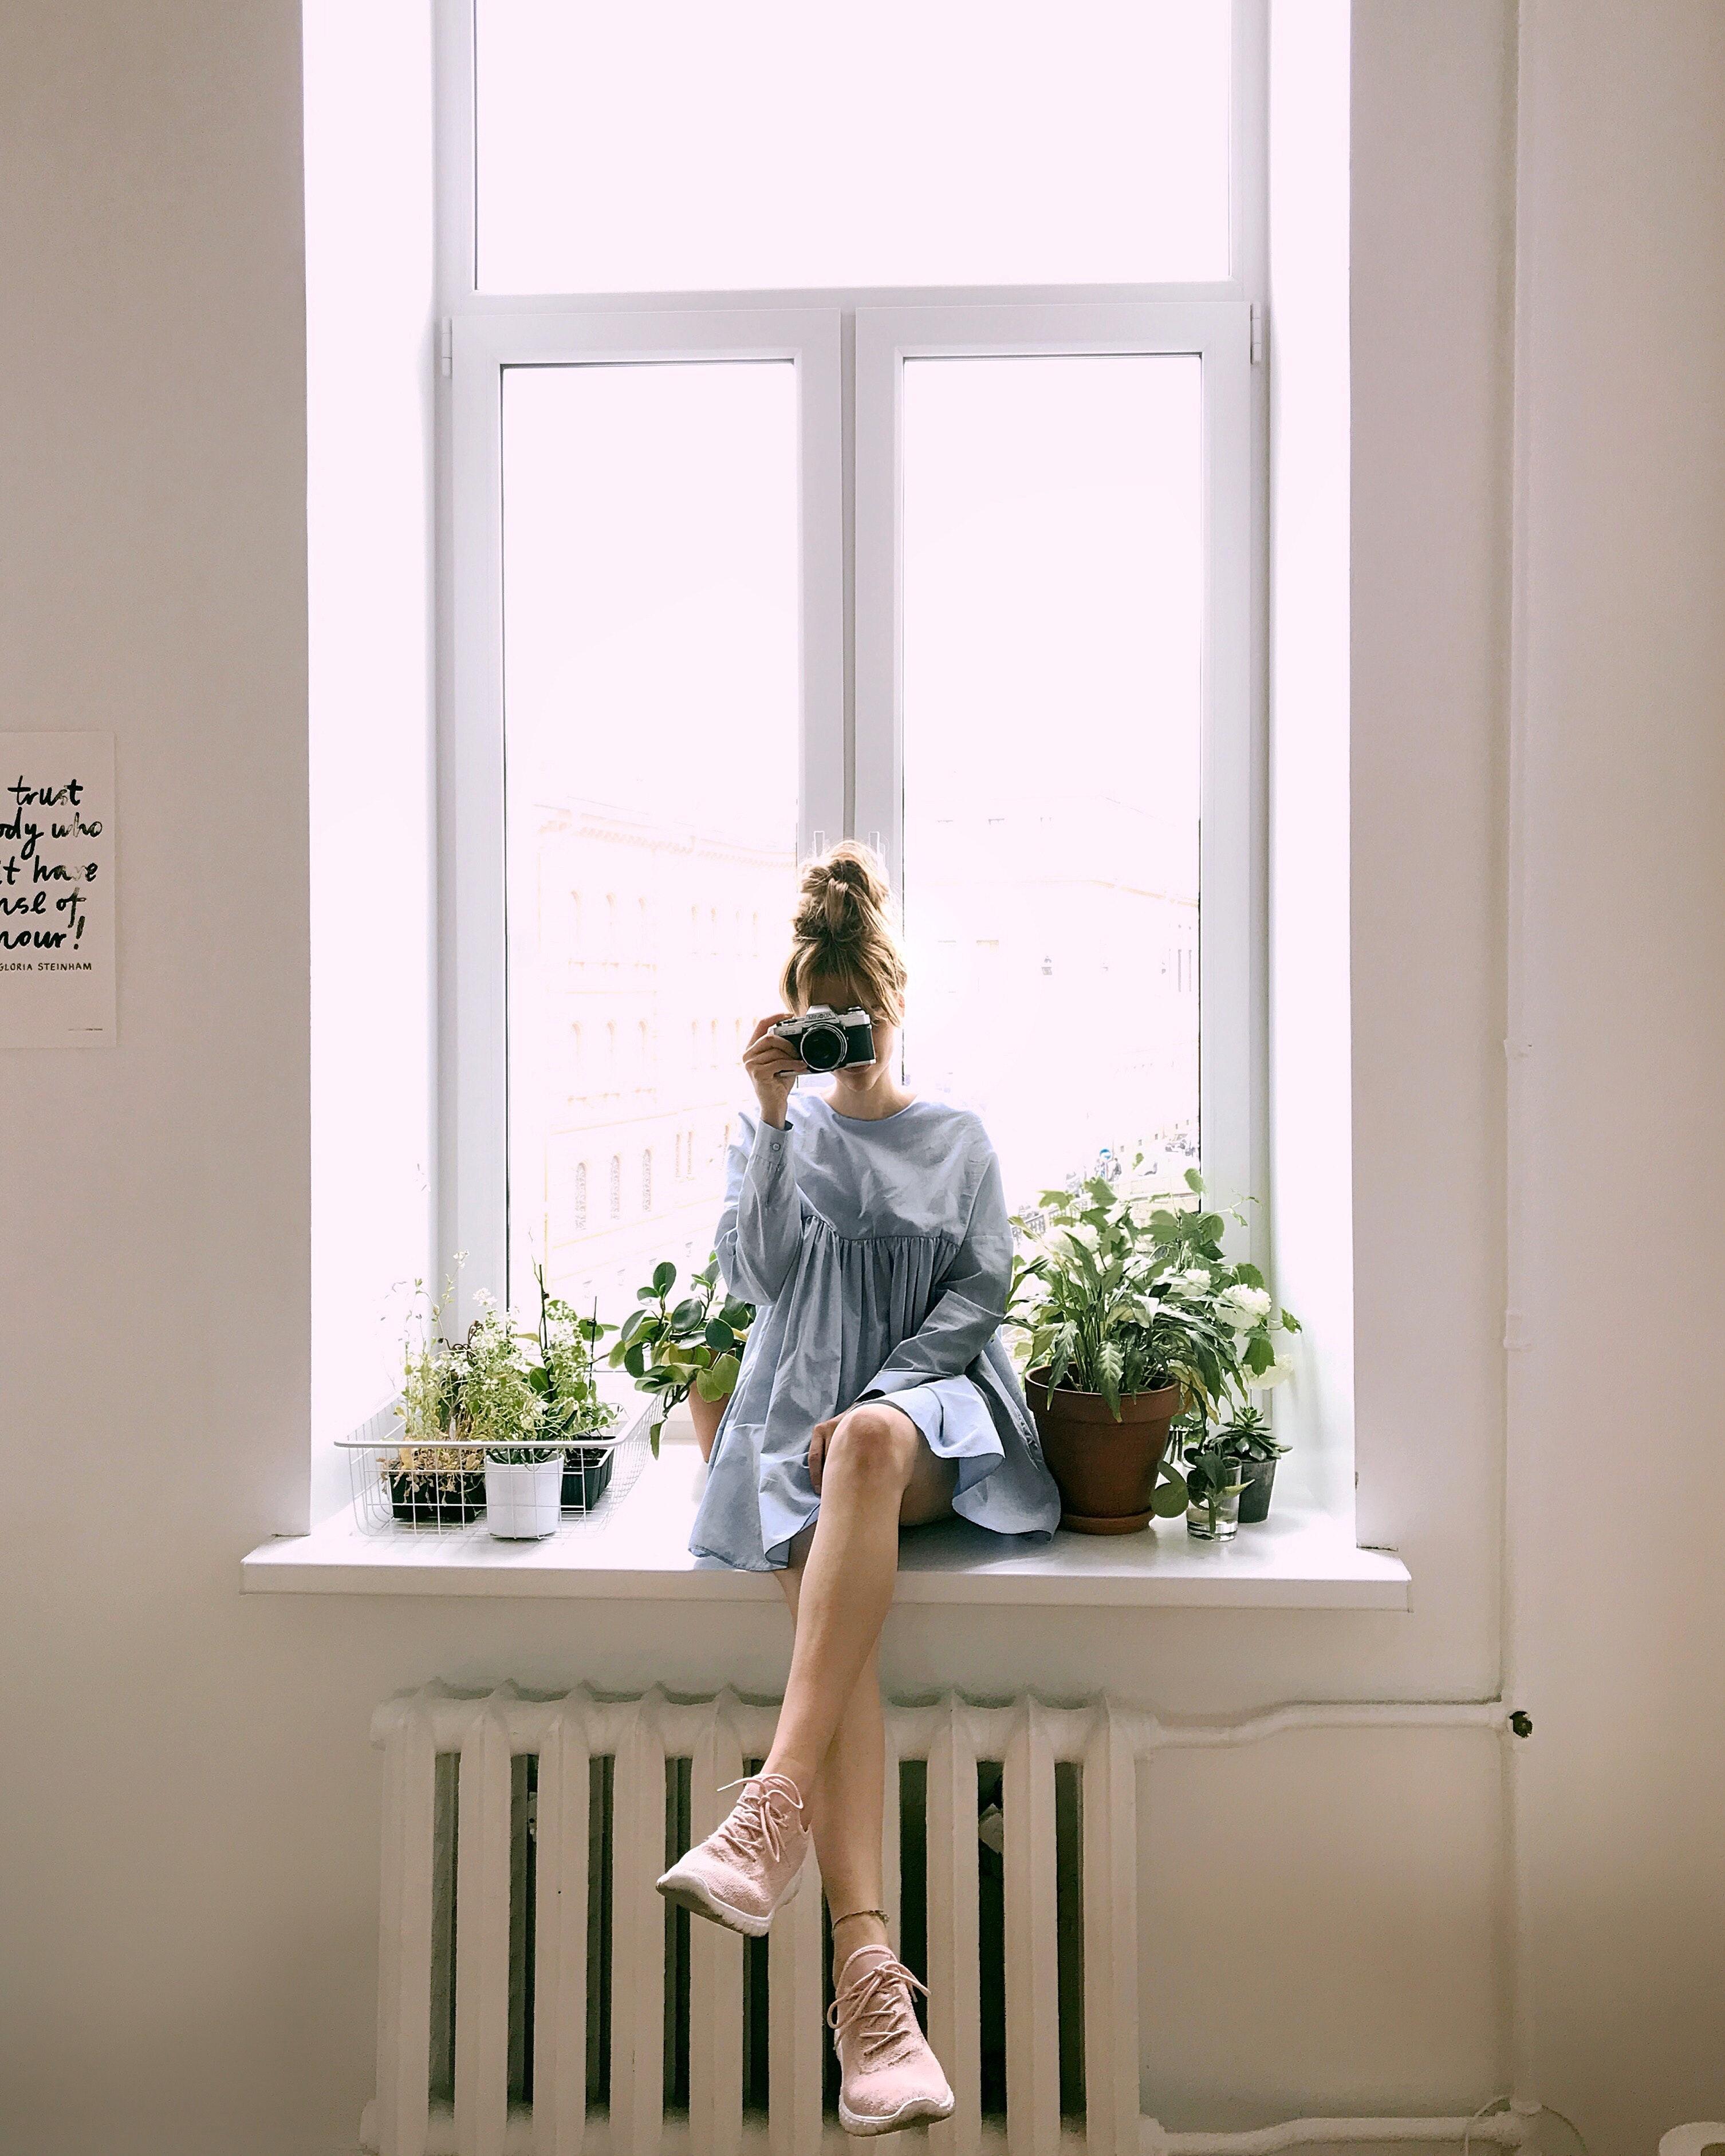 как правильно фотографировать возле окна скатерти